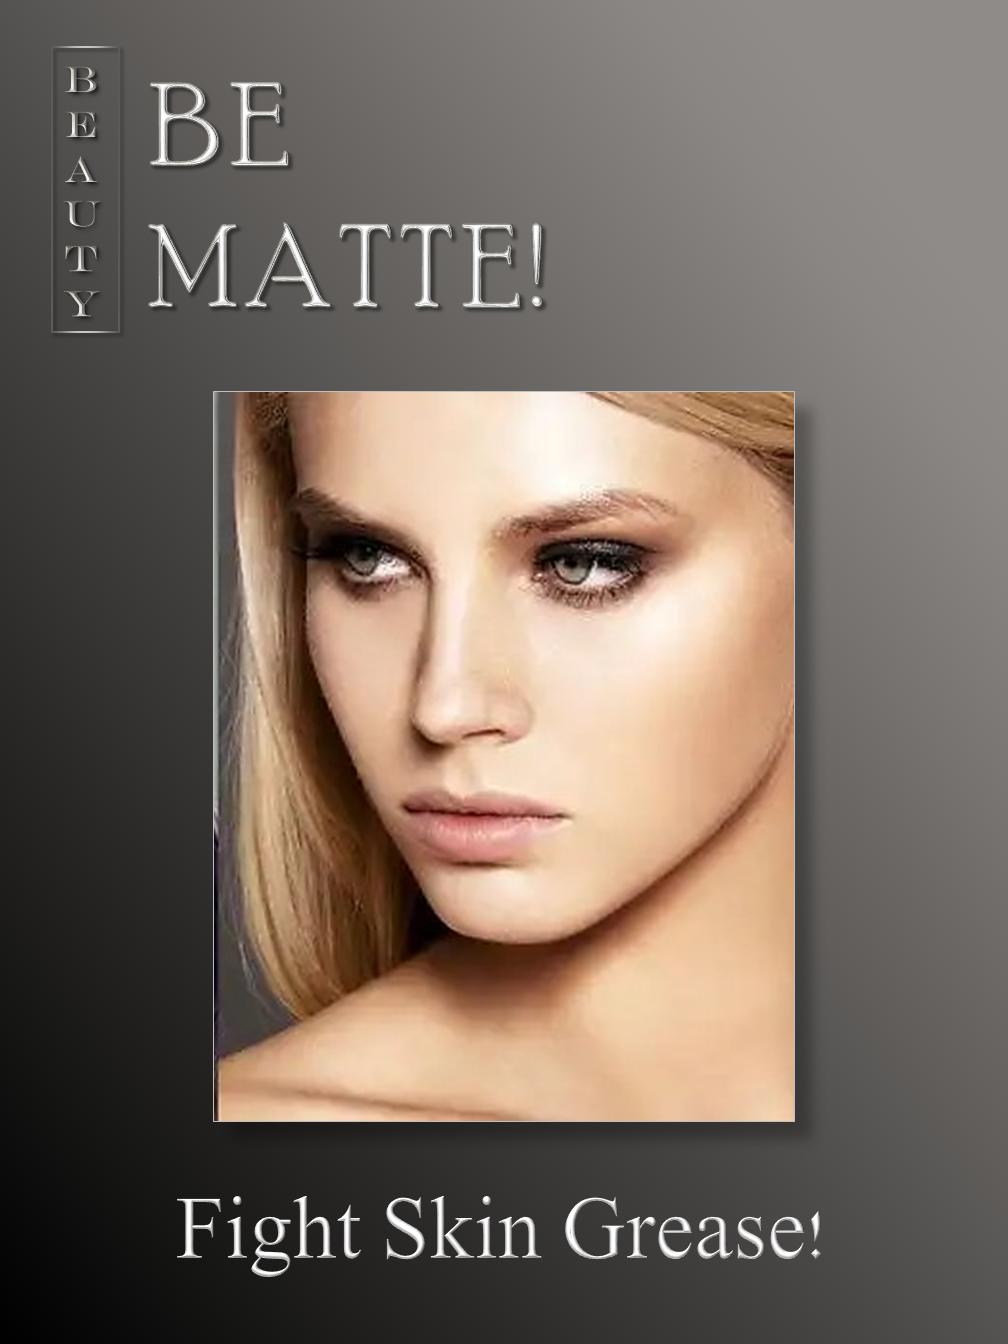 Be Matte